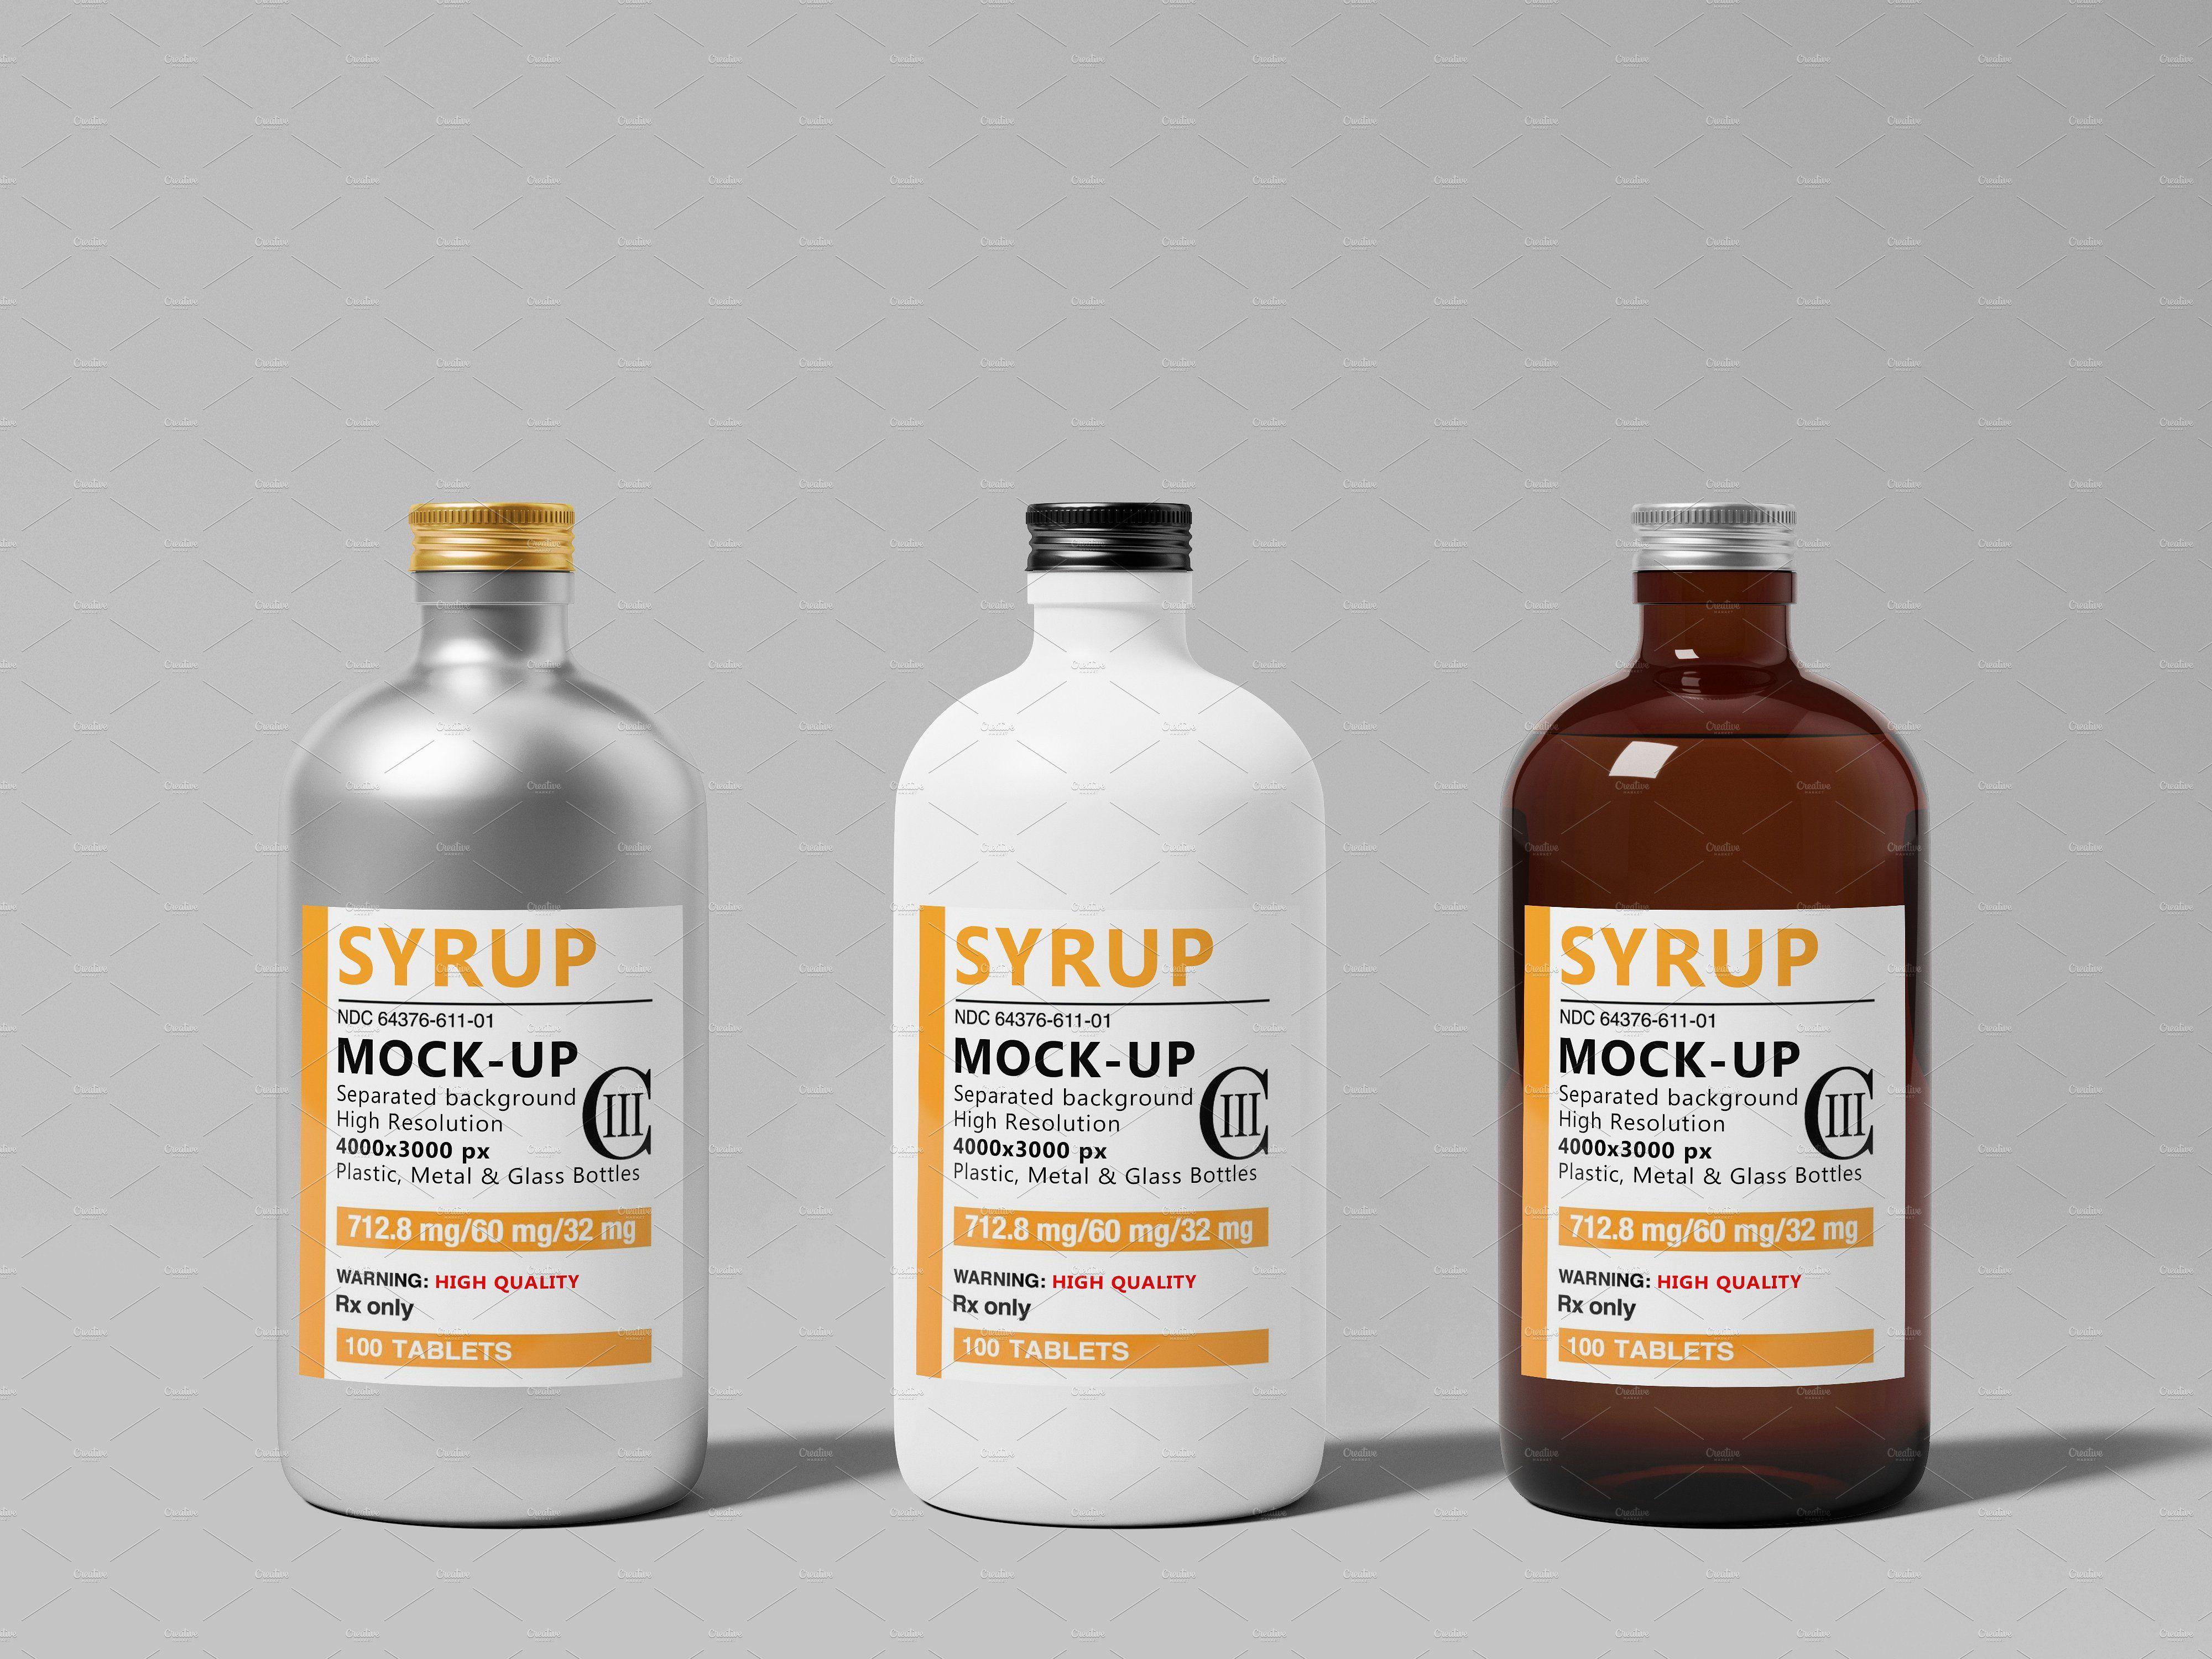 Download Syrup Bottle Mock Up Syrup Bottle Bottle Bottle Mockup Yellowimages Mockups